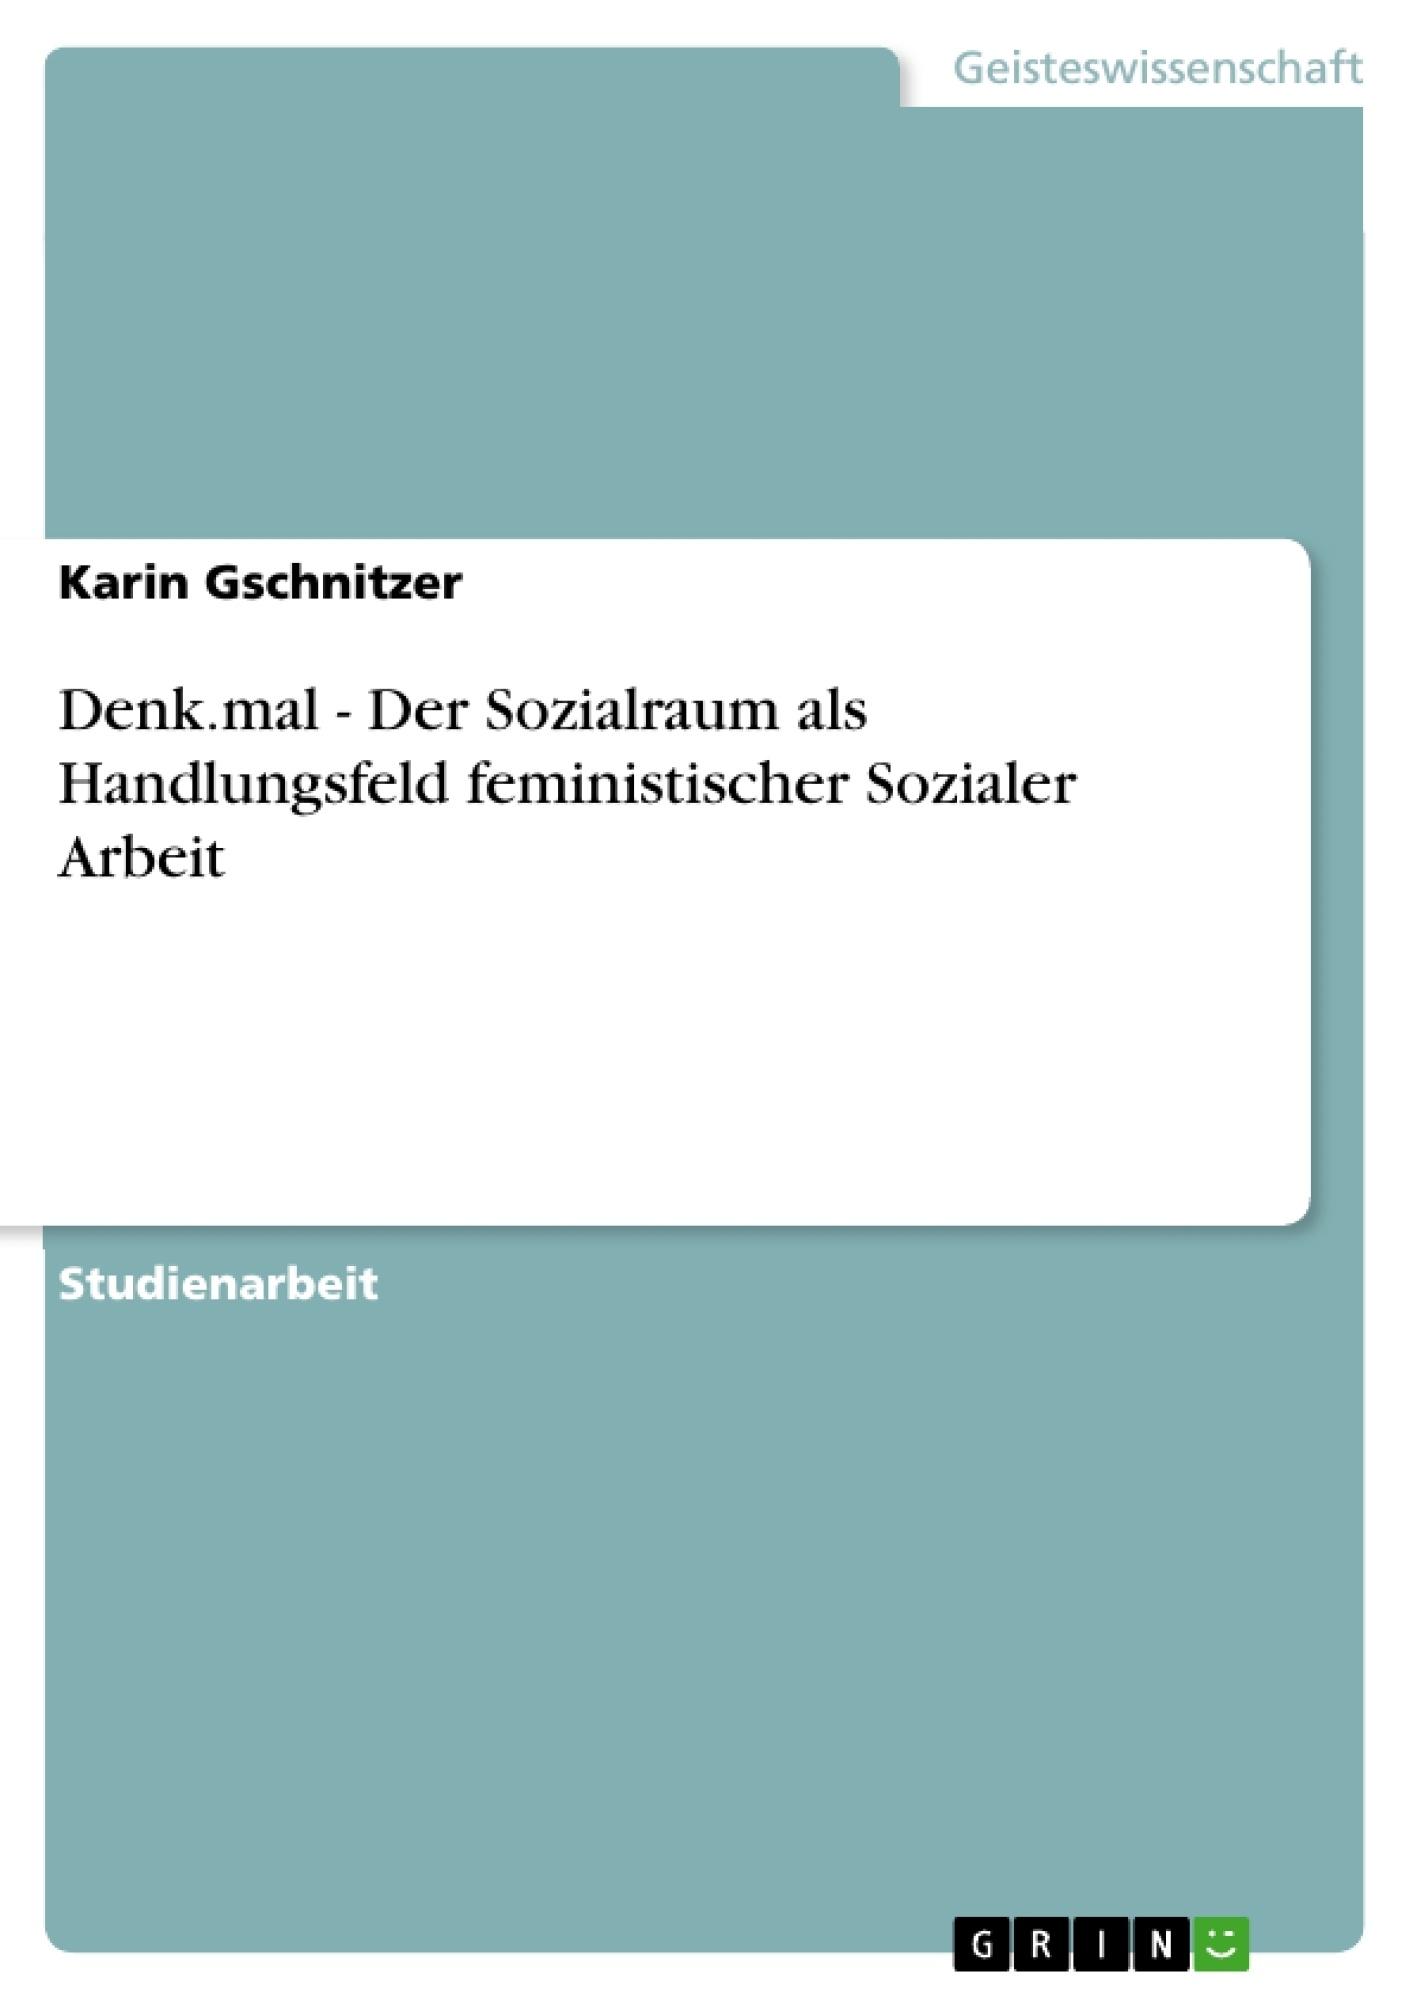 Titel: Denk.mal - Der Sozialraum als Handlungsfeld feministischer Sozialer Arbeit